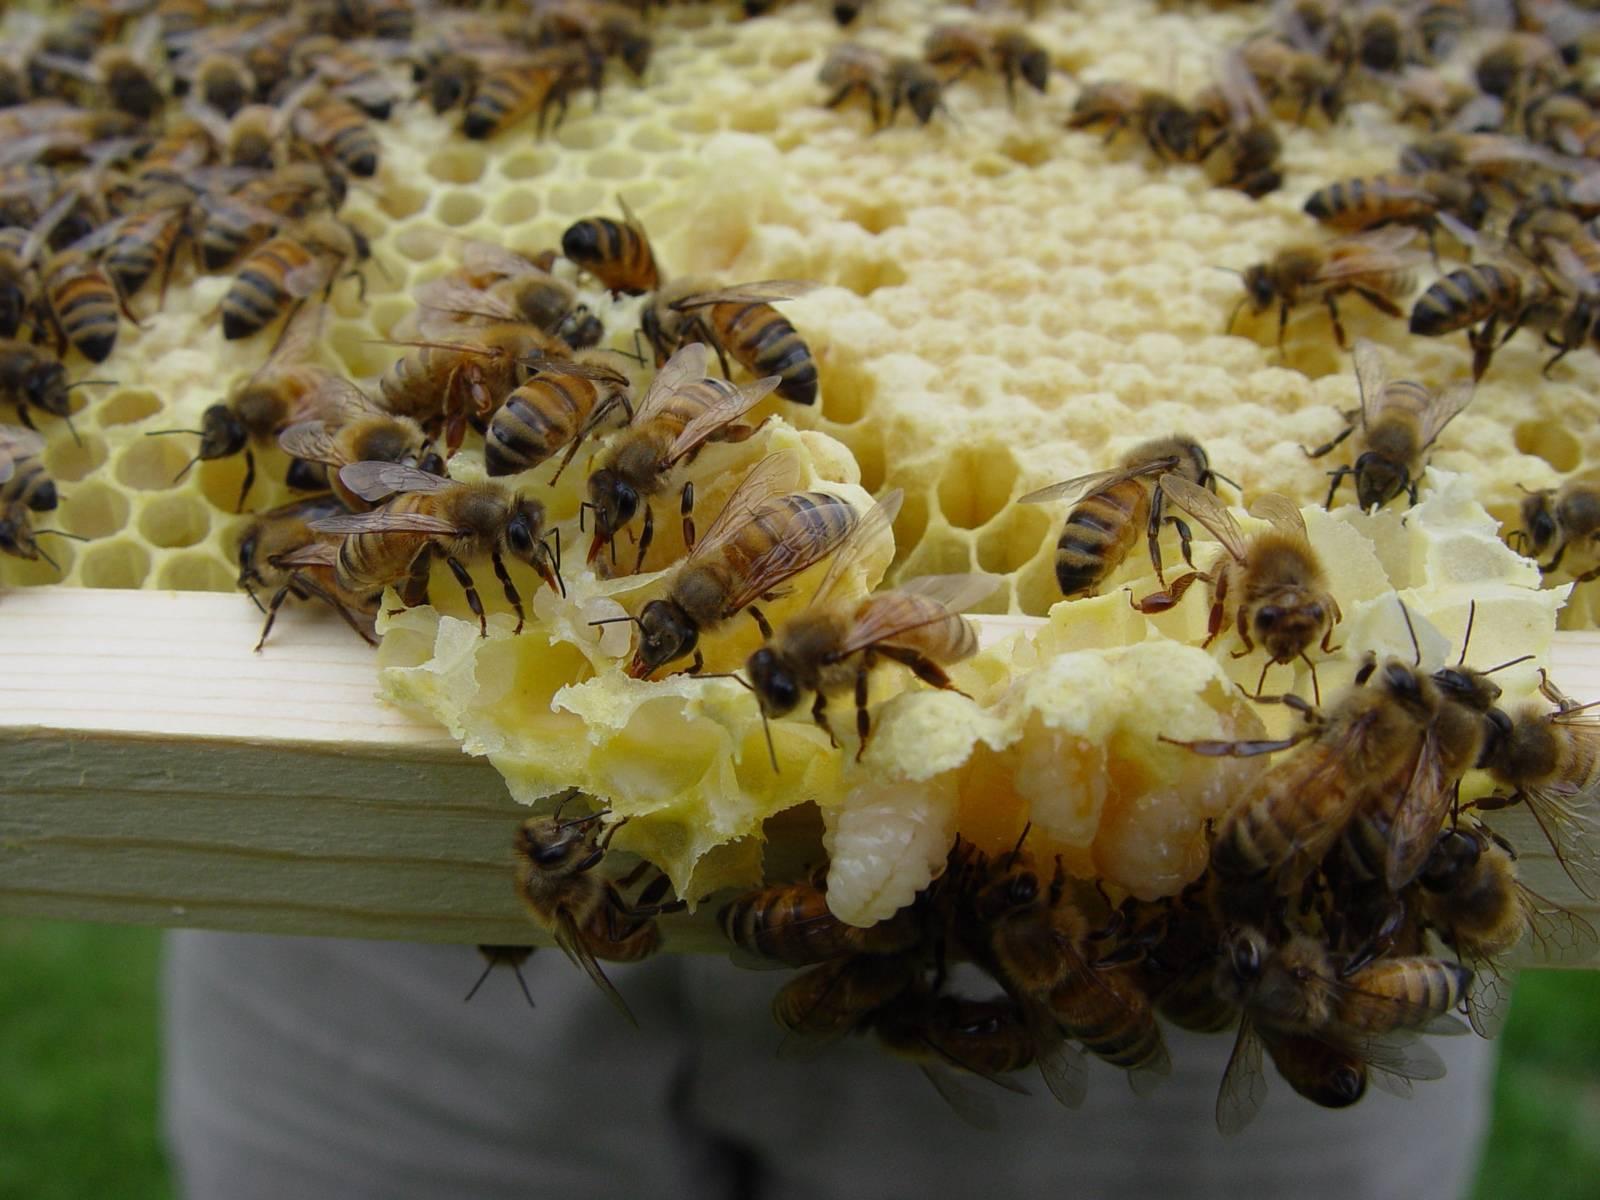 Как избавиться от муравьев на пасеке? - пчеловодство — опасеке